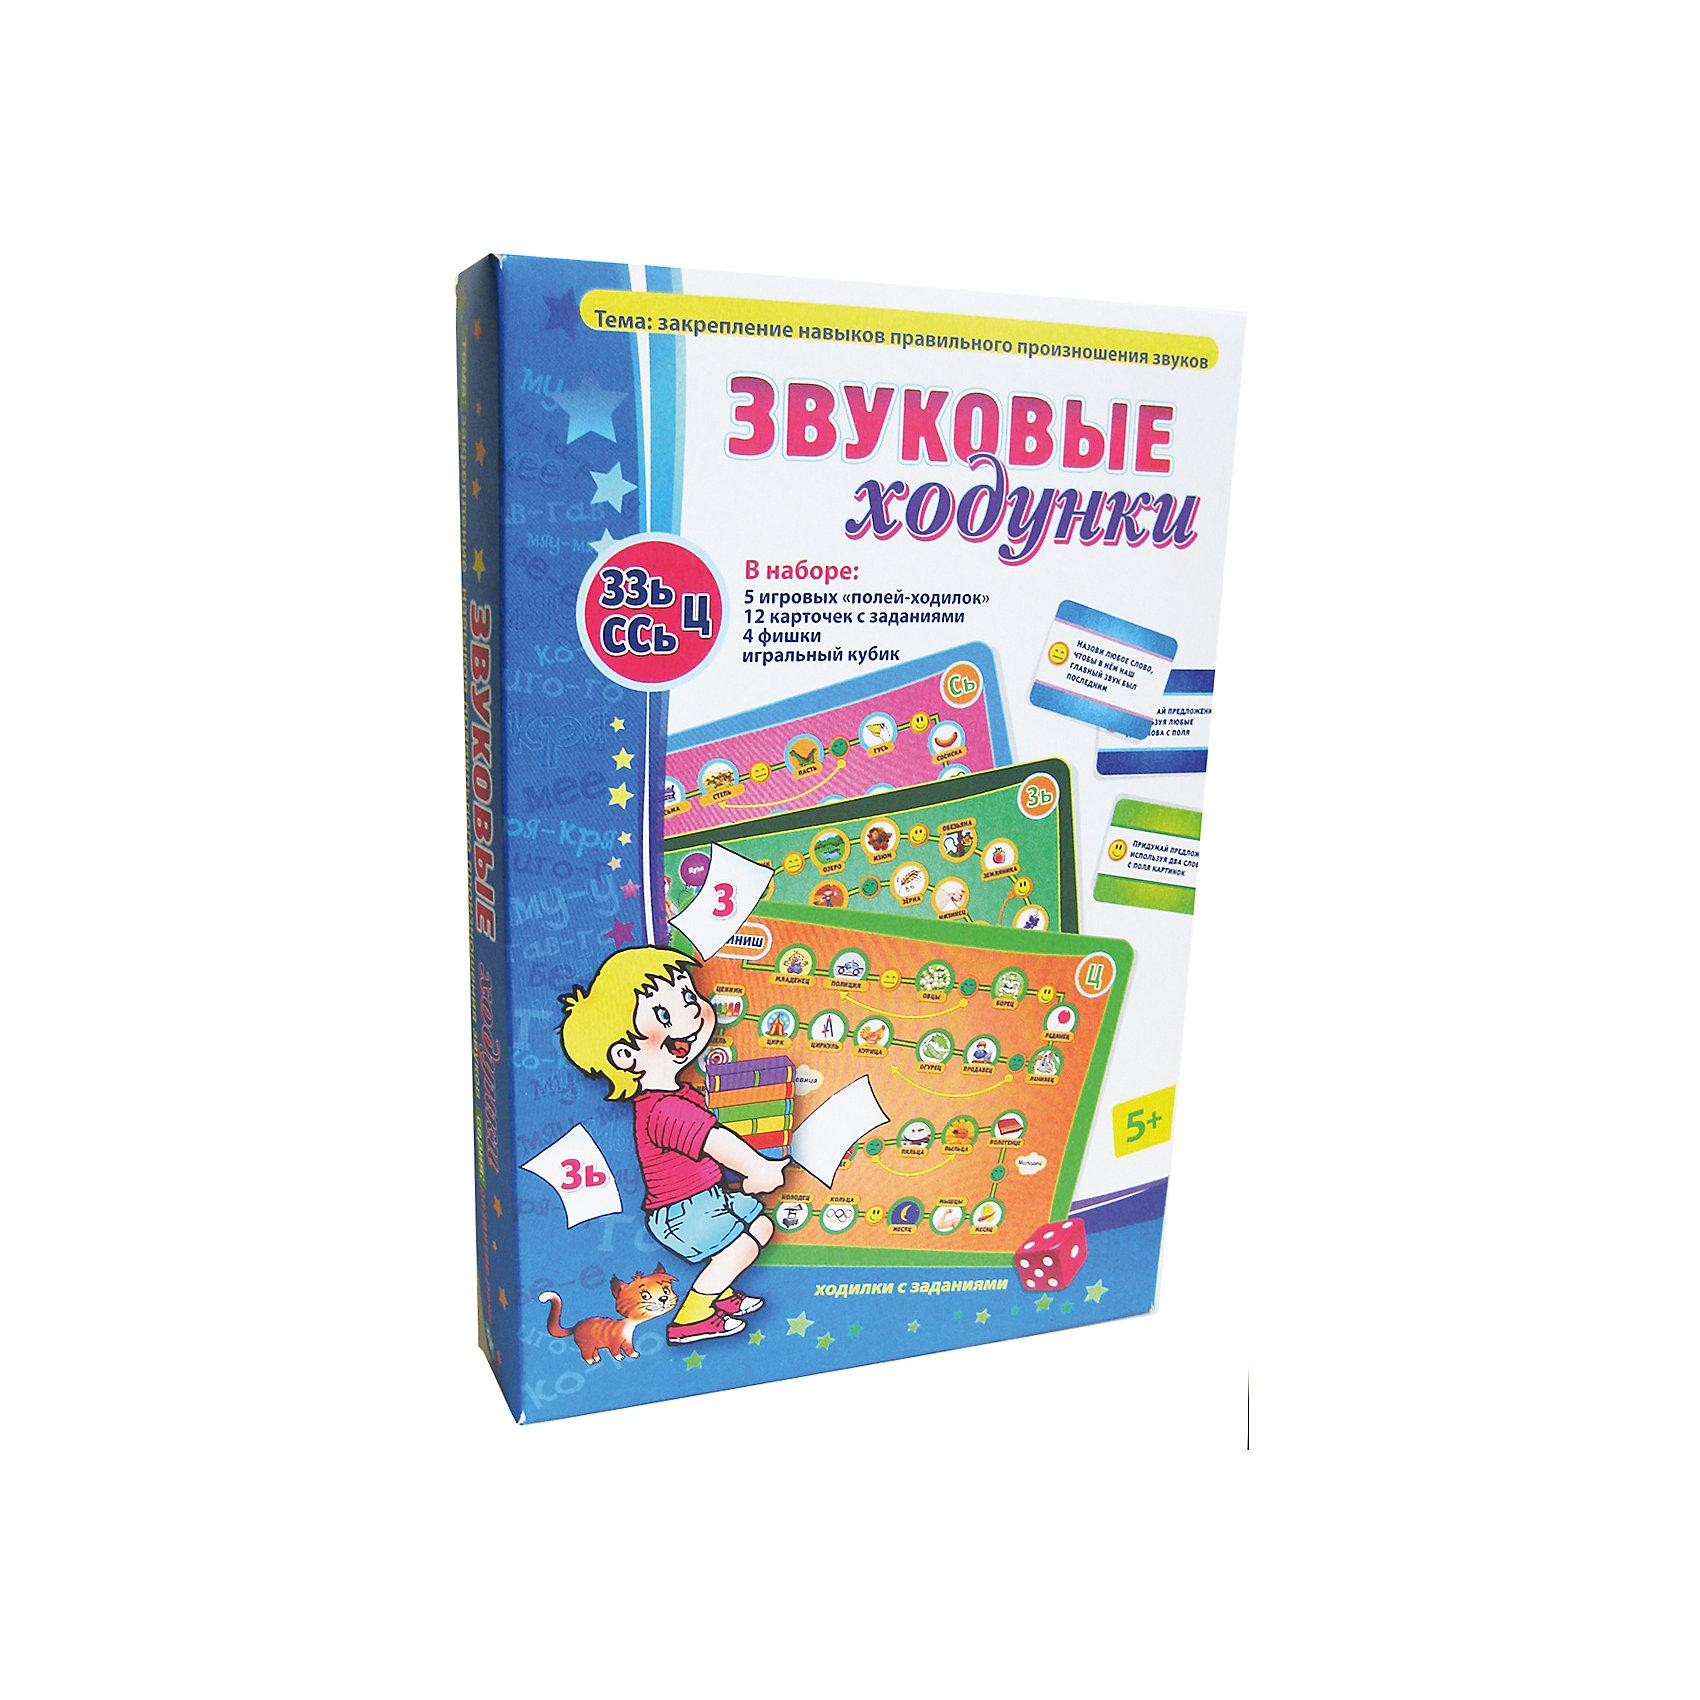 Звуковые ходунки З,Зь,С,Сь,Ц, Игротека Татьяны БарчанНастольные игры<br>Звуковые ходунки З,Зь,С,Сь,Ц, Игротека Татьяны Барчан.<br><br>Характеристики:<br><br>• Для детей в возрасте: от 5 до 8 лет<br>• В комплекте: 5 полей-ходилок, 12 карточек с дополнительными заданиями, игральный кубик, 4 фишки, инструкция<br>• Тема: Закрепление навыков правильного произношения звуков<br>• Размер одного игрового поля: 34х25 см.<br>• Материал: плотный качественный картон<br>• Производитель: ЦОТР Ребус (Россия)<br>• Упаковка: картонная коробка<br>• Размер упаковки: 270х180х45 мм.<br>• Вес: 275 гр.<br><br>Звуковые «ходунки» адресованы логопедам, педагогам, ответственным родителям, которые хотят помочь детям овладеть правильным произношением звуков С, Сь, З, Зь, Ц. <br><br>Как и в обычных ходилках, выпавшие точки на кубике показывают, сколько шагов вперёд надо сделать игроку. Но вот ход засчитывается только тогда, когда игрок фонетически правильно назовёт слово, на которое попадает фишка. <br><br>Такие упражнения, выполненные в ходе игры, помогут и в развитии навыка звукового анализа слова, расширят активный словарь малыша. В игре есть дополнительные задания на становление грамматического строя, развитие зрительной и слуховой памяти и внимания.<br><br>Игру Звуковые ходунки З,Зь,С,Сь,Ц, Игротека Татьяны Барчан можно купить в нашем интернет-магазине.<br><br>Ширина мм: 270<br>Глубина мм: 180<br>Высота мм: 40<br>Вес г: 270<br>Возраст от месяцев: 60<br>Возраст до месяцев: 96<br>Пол: Унисекс<br>Возраст: Детский<br>SKU: 6751315